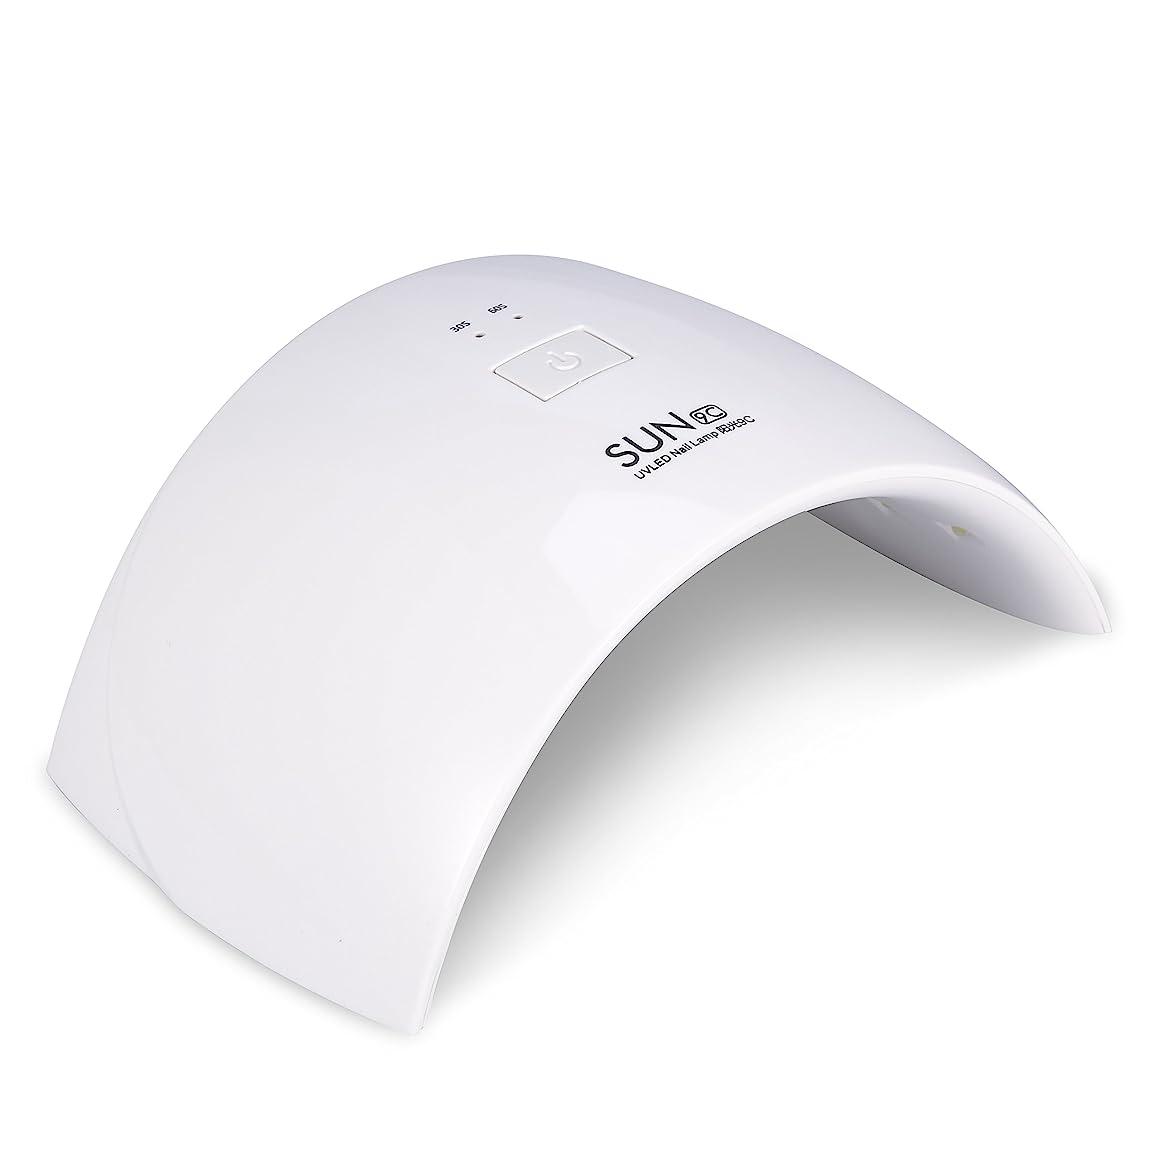 後減る信条紫外線LEDネイルランプ 15LED 24W 硬化ネイルアートツール硬化マニキュア(ホワイト)